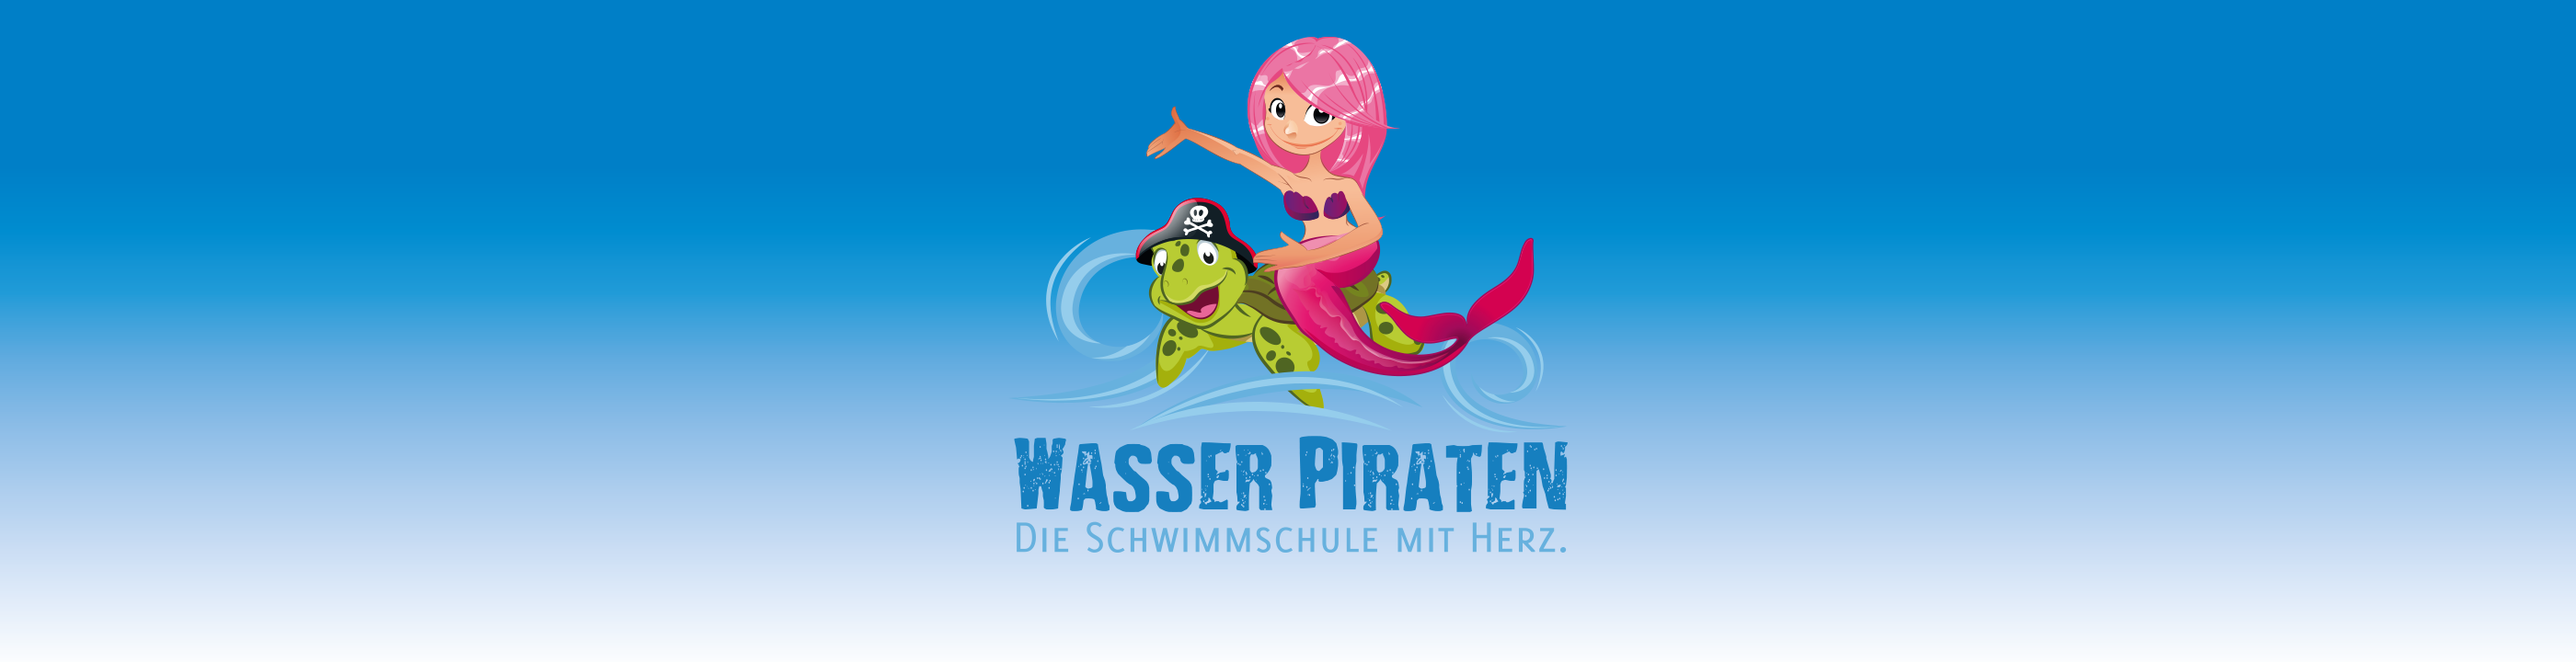 Neues Logo Wasser Piraten GmbH